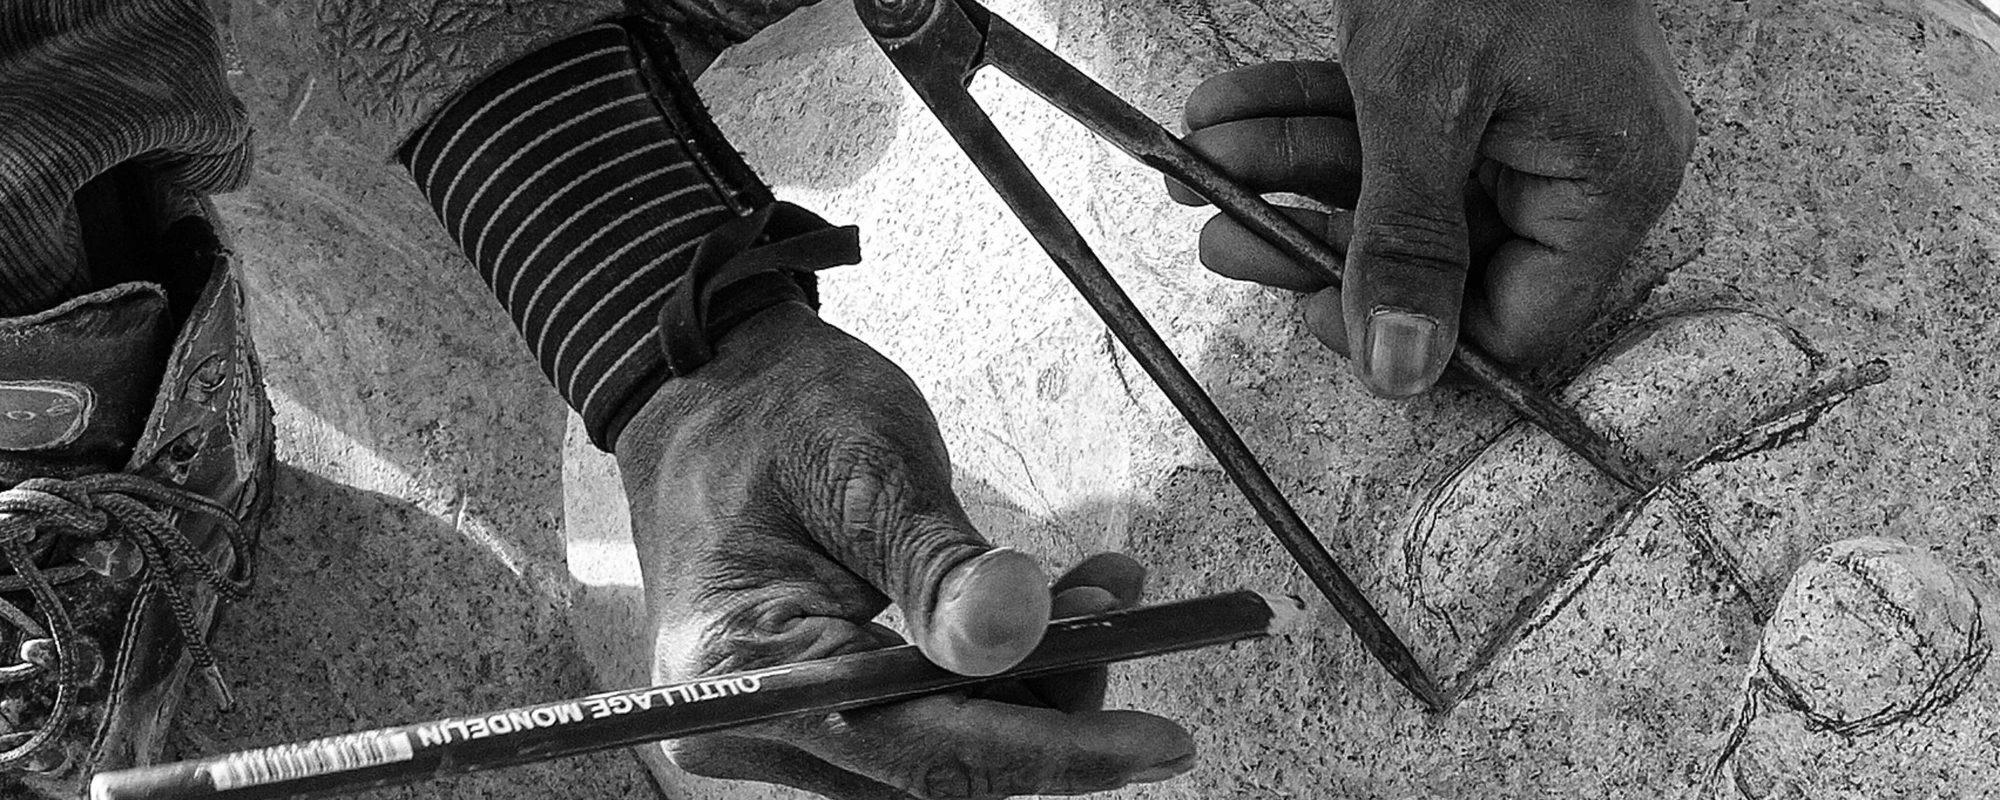 DEMONSTRATION DE SCULPTURE SUR PIERRE ET BRONZE – DIMANCHE 6 JUIN 14H30-17H30